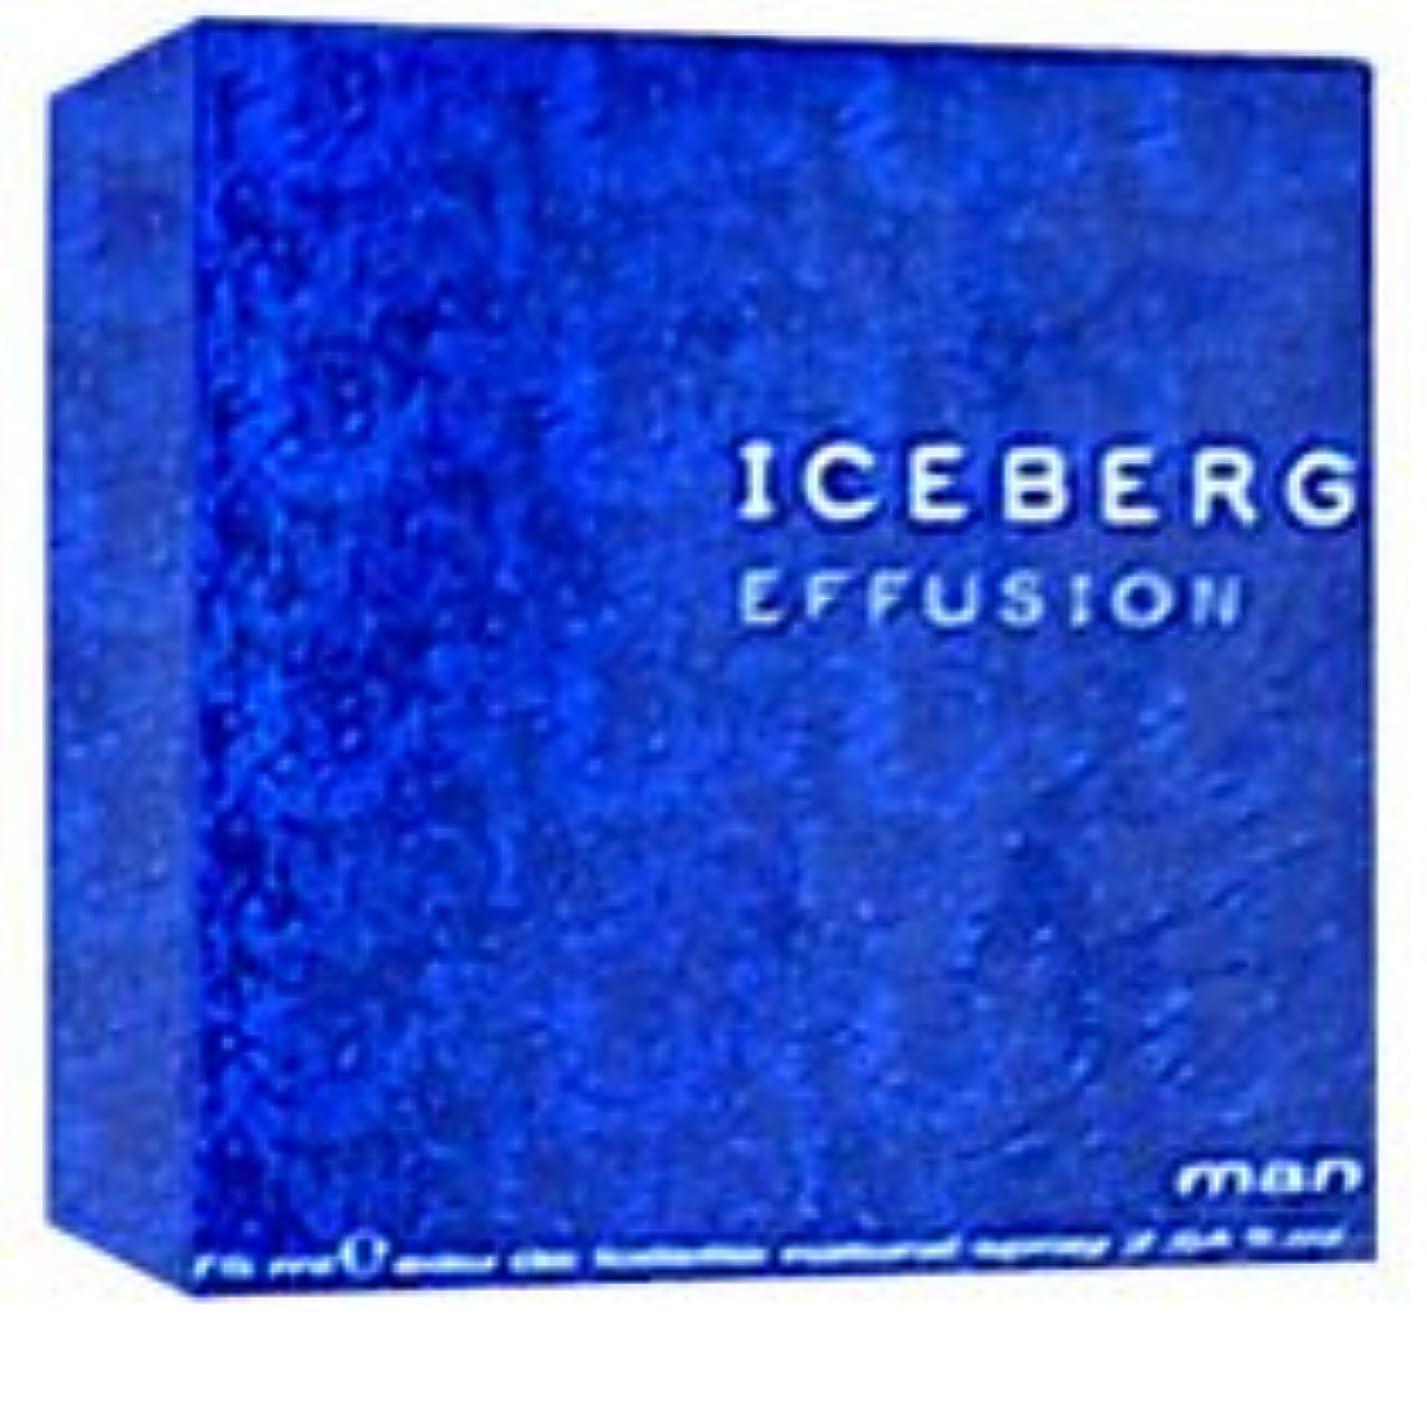 フォージ療法麻痺Iceberg Effusion (アイスバーグ エフゥージョン)  2.5 oz (75ml) EDT Spray for Men